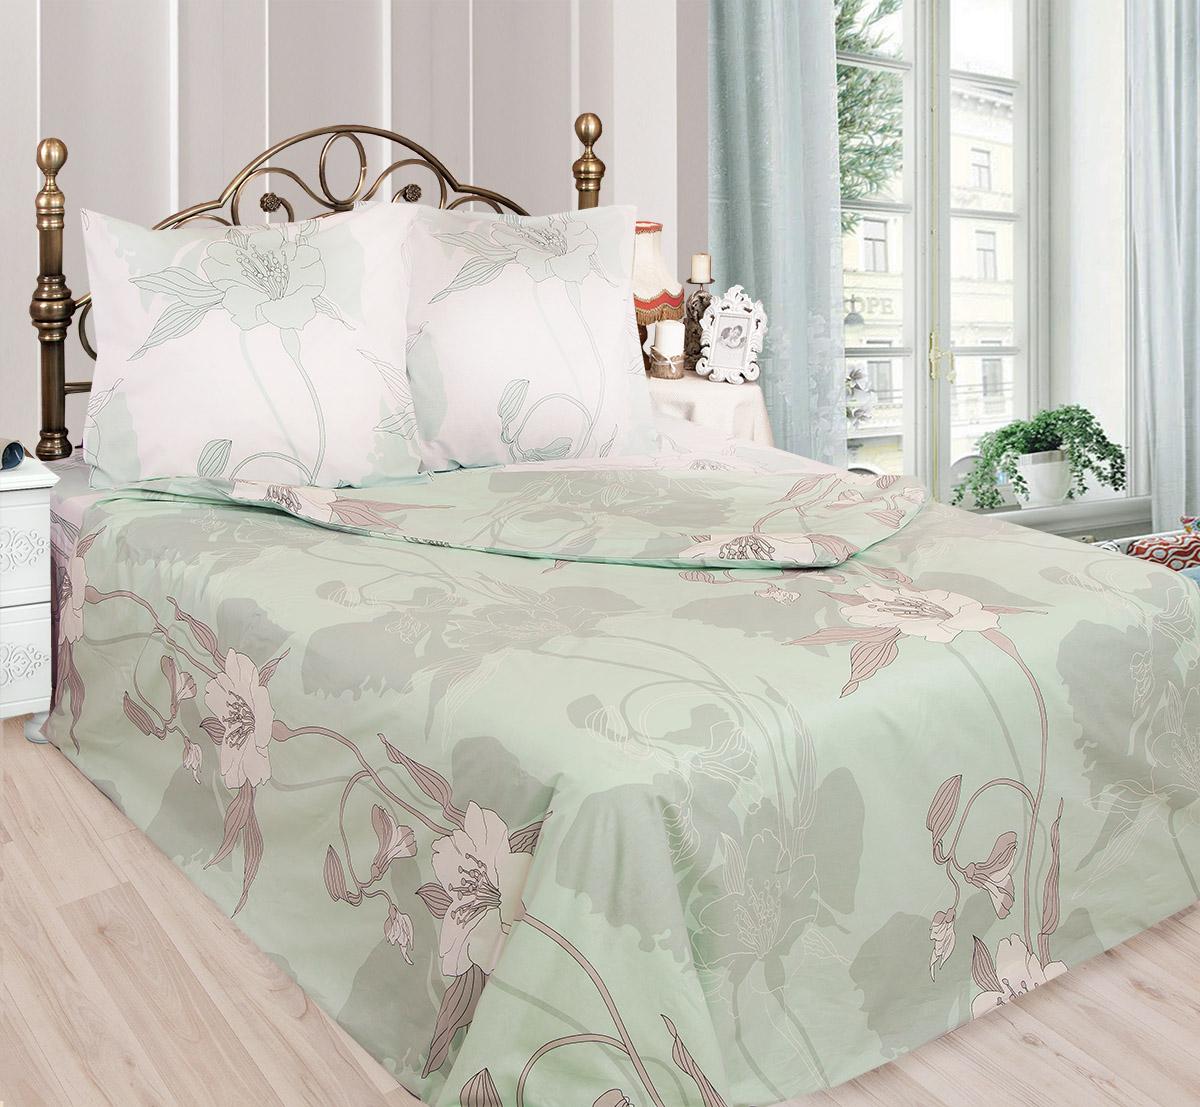 Комплект белья Sova & Javoronok Жасмин (1,5 спальный КПБ, бязь), n70, цвет: белый, зеленый0203112597КПБ 1,5 сп. Сова и Жаворонок, бязь, Жасмин, n70 белый зеленый